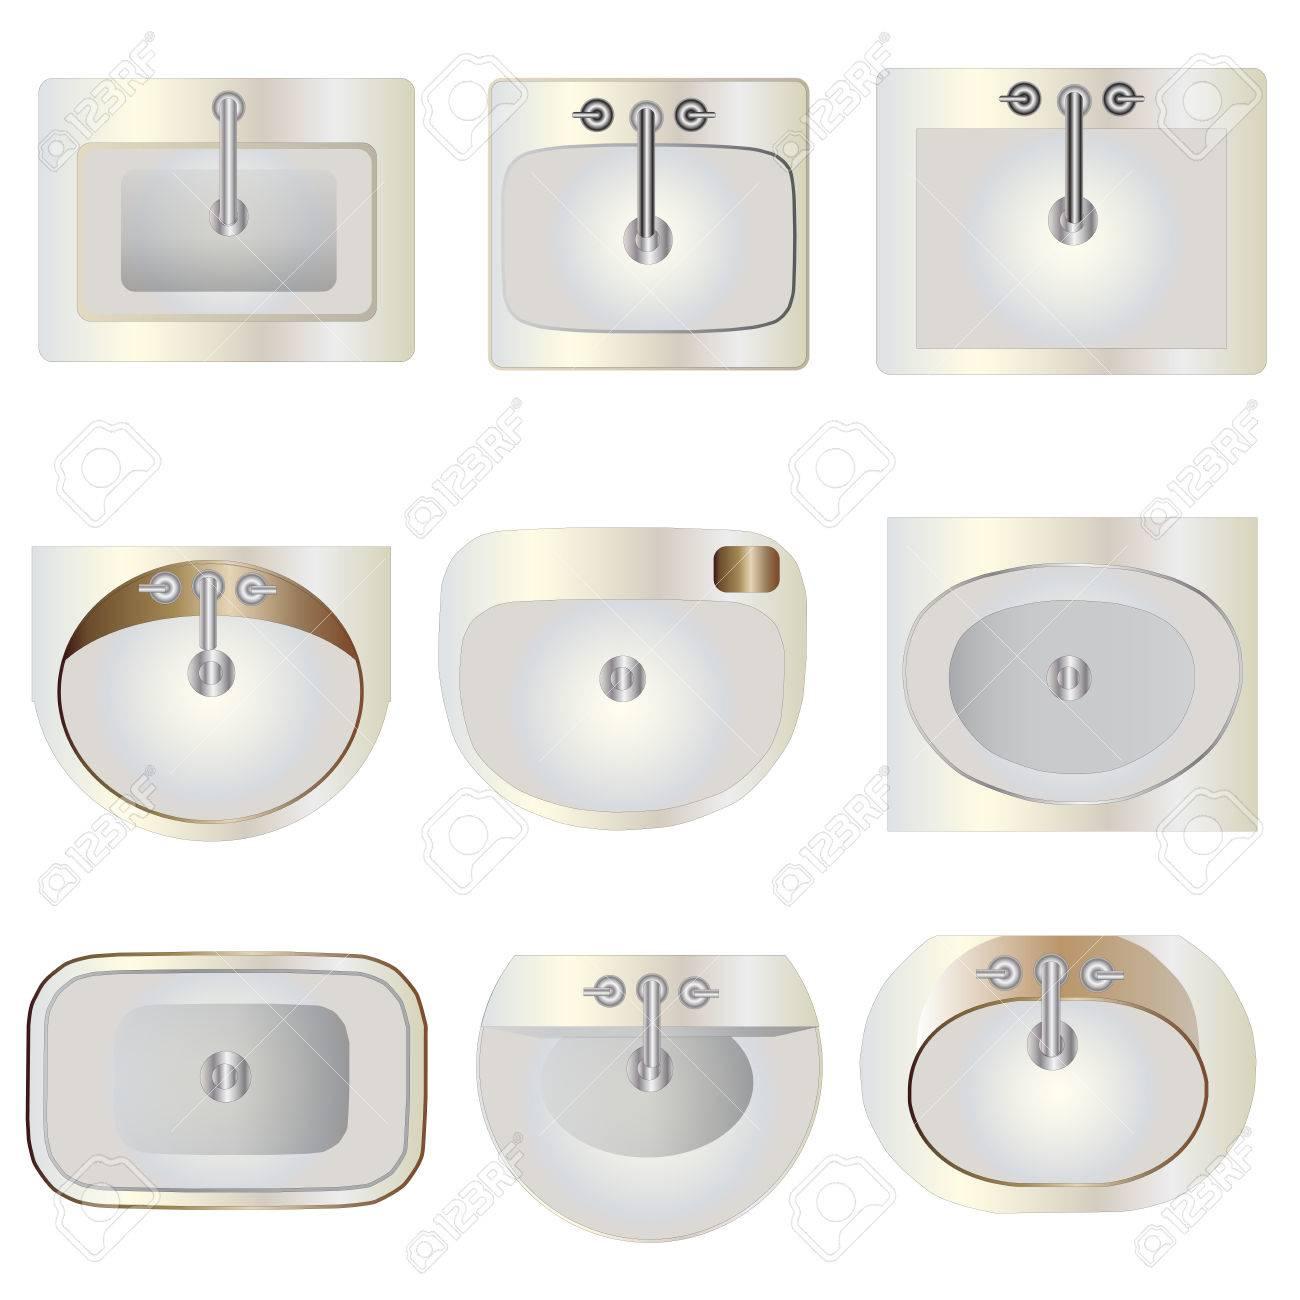 Bathroom Wash Basin Set 9 Top View For Interior Vector